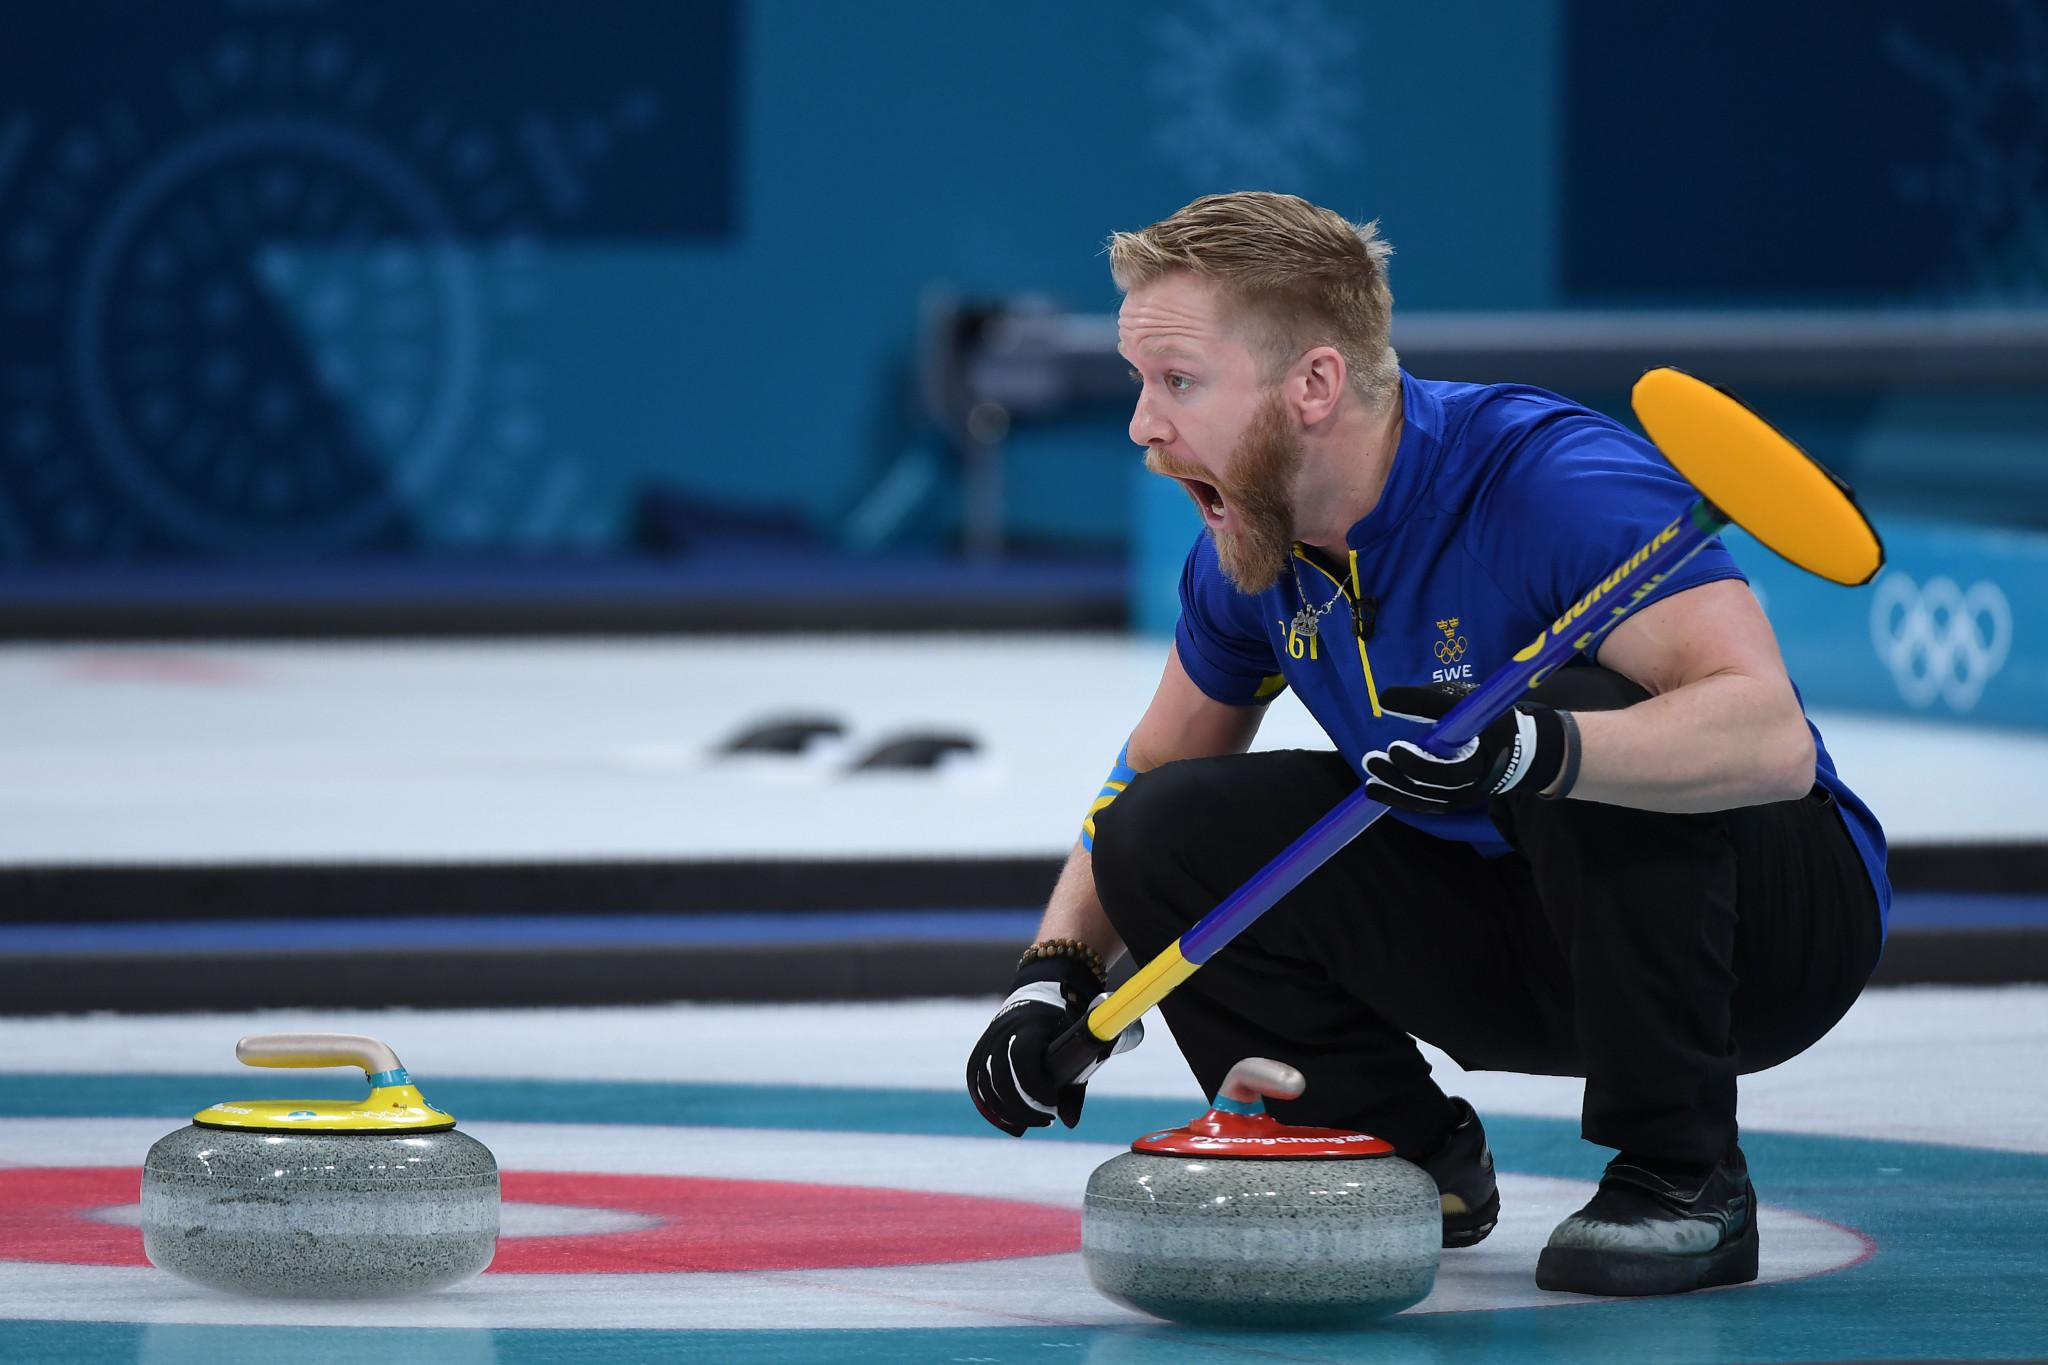 Pyeongchang 2018 silver medallists Sweden seek World Men's Curling ...